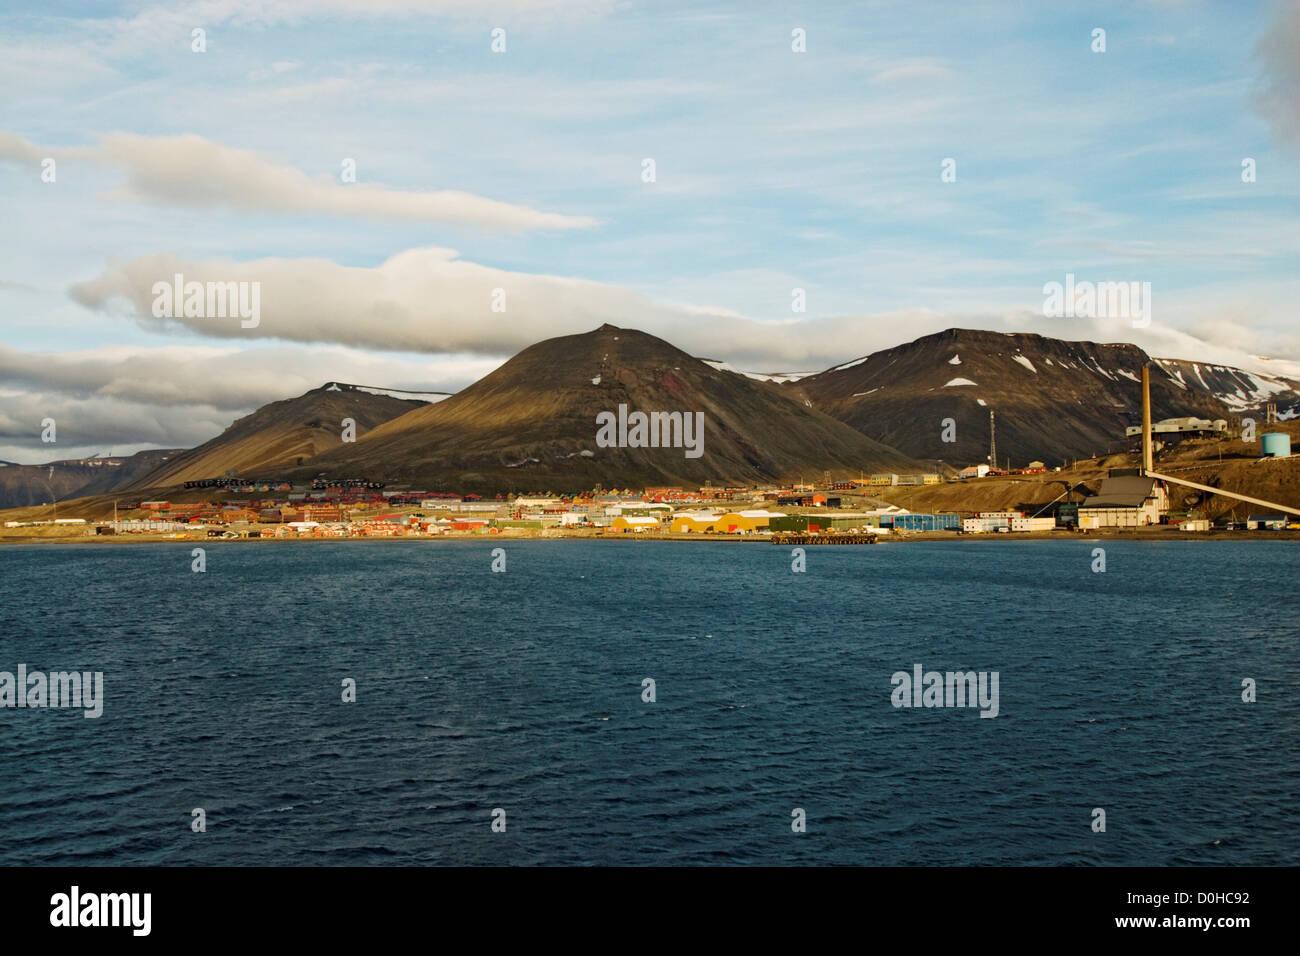 Colorato insediamento norvegese Longyearbyen più grande insediamento in Svalbard coal mining town anno popolazione Immagini Stock